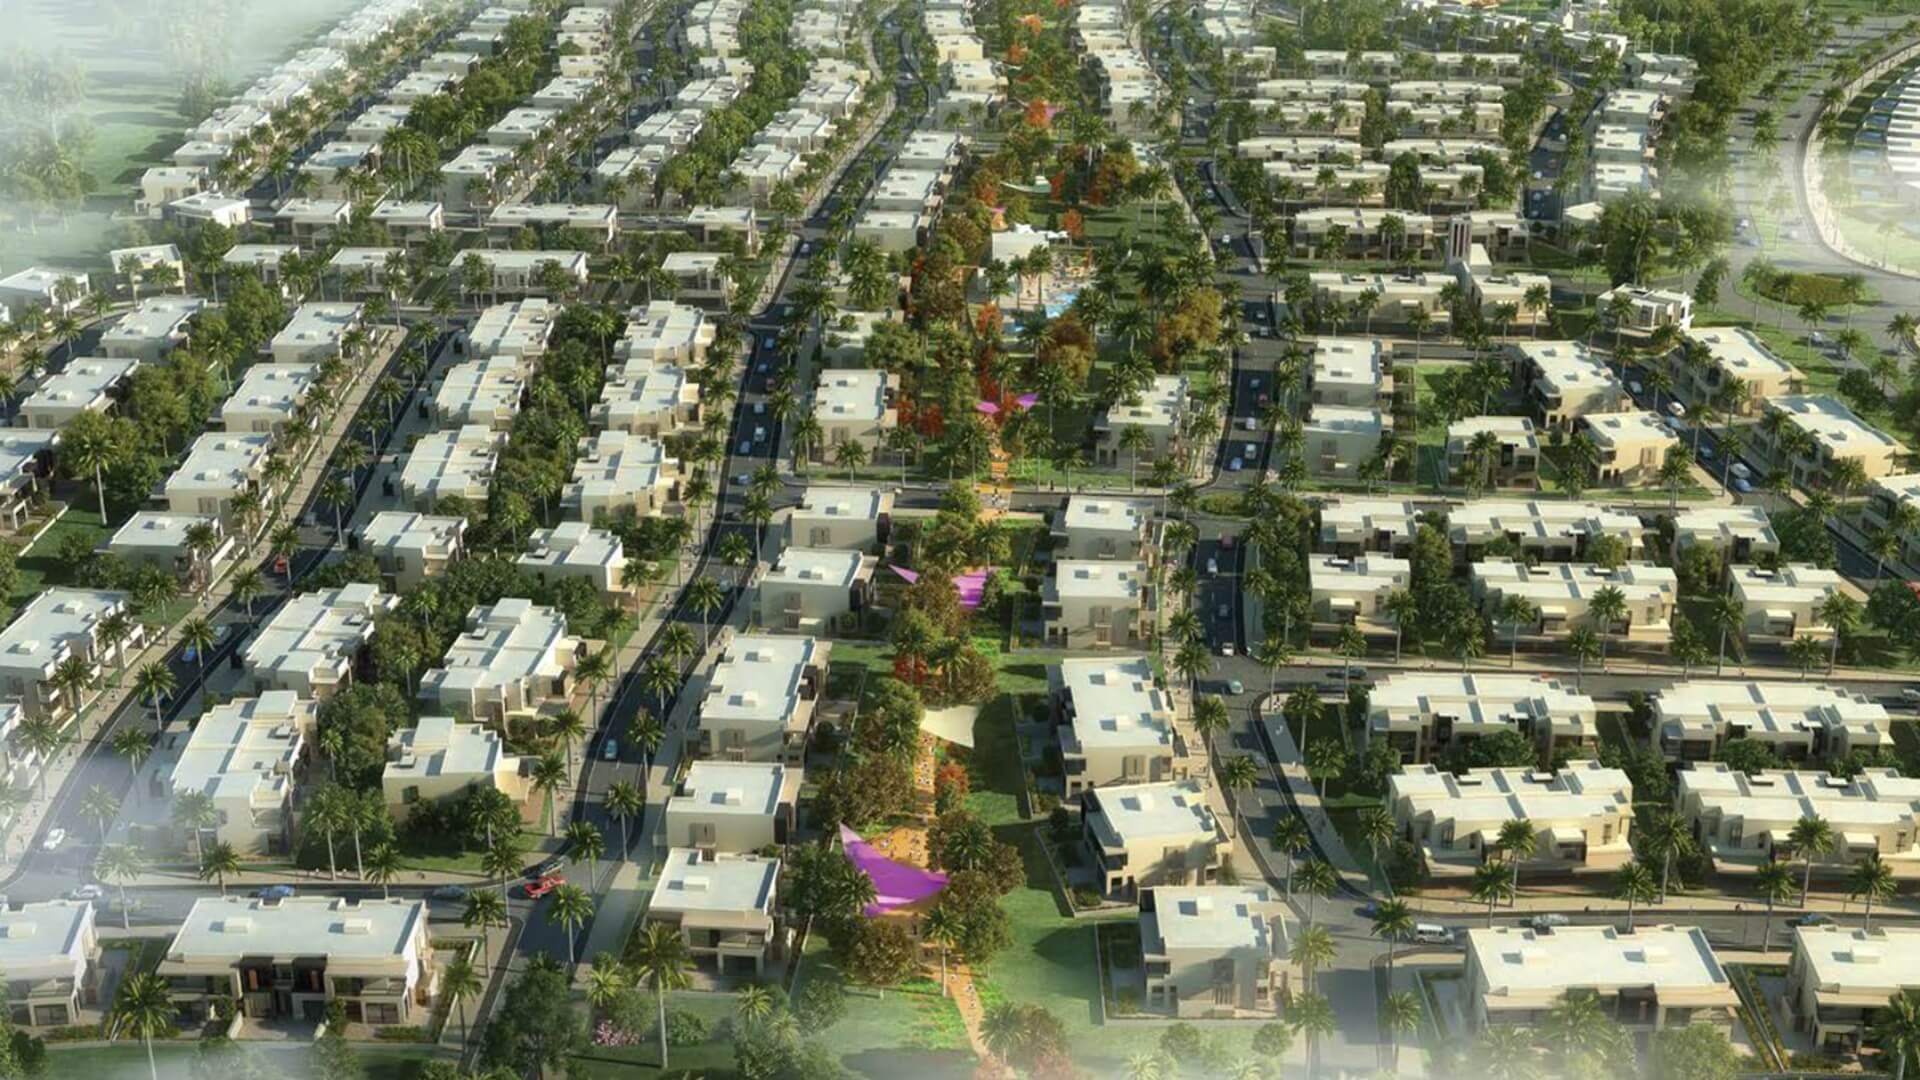 MAPLE, Dubai Hills Estate, UAE – photo 1